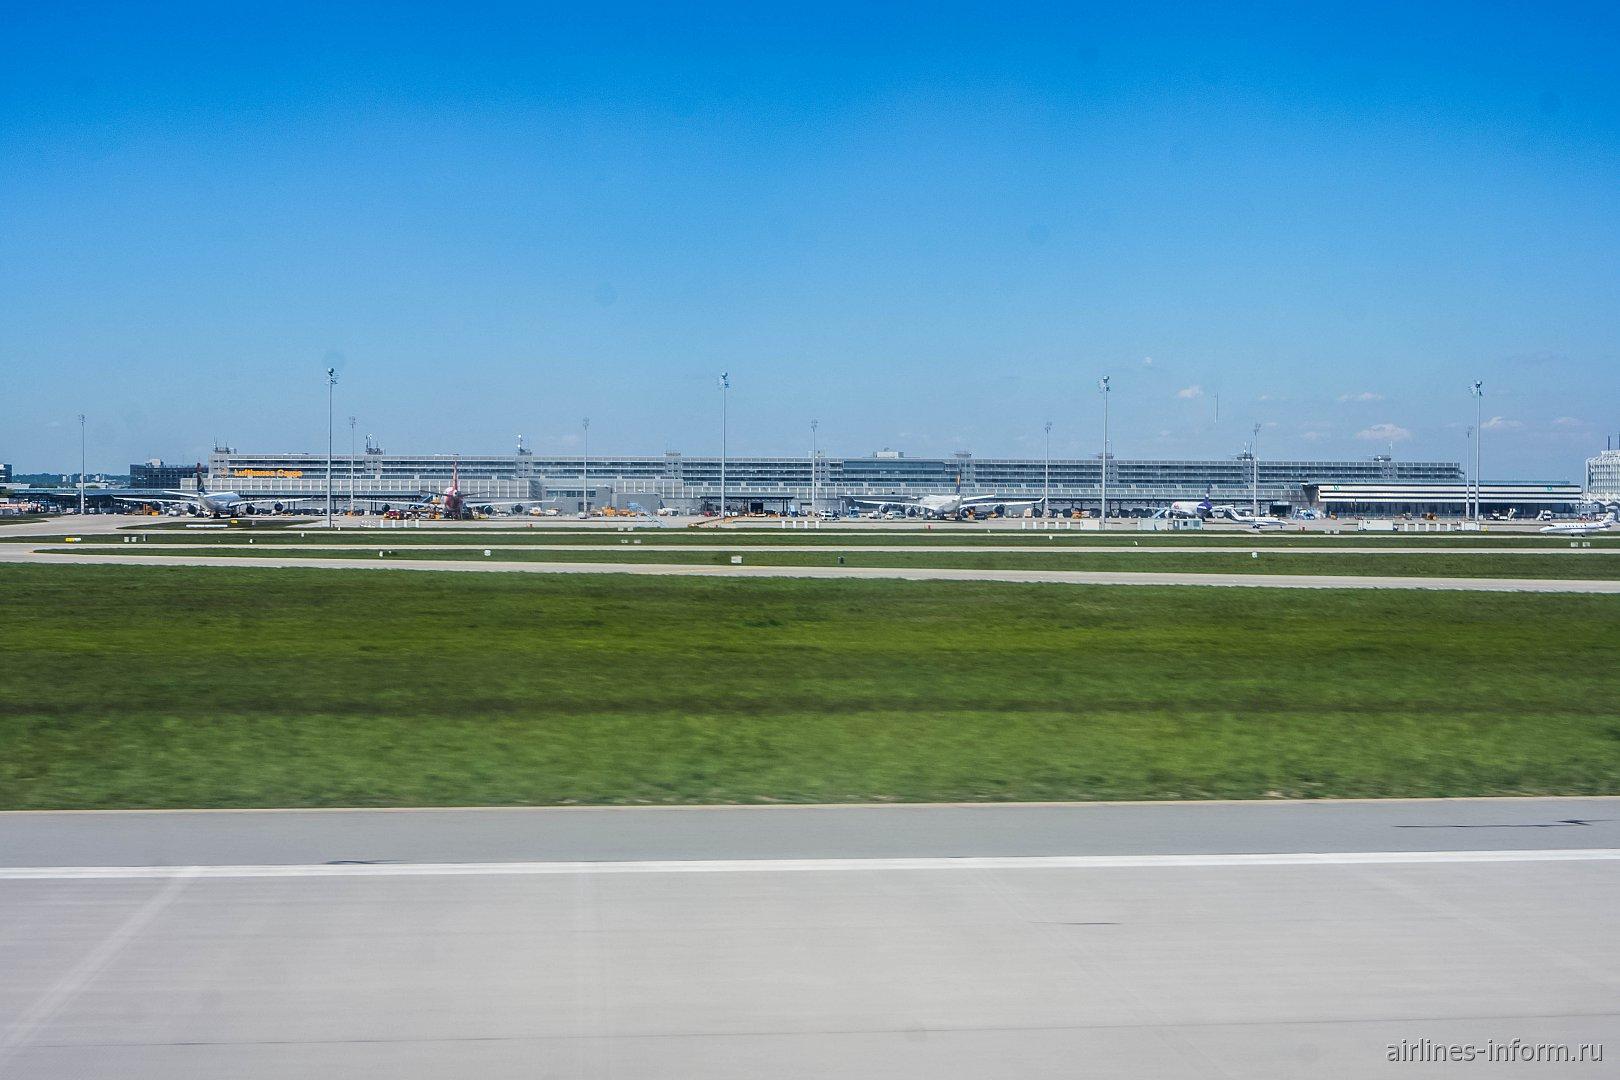 Грузовой терминал аэропорта Мюнхен